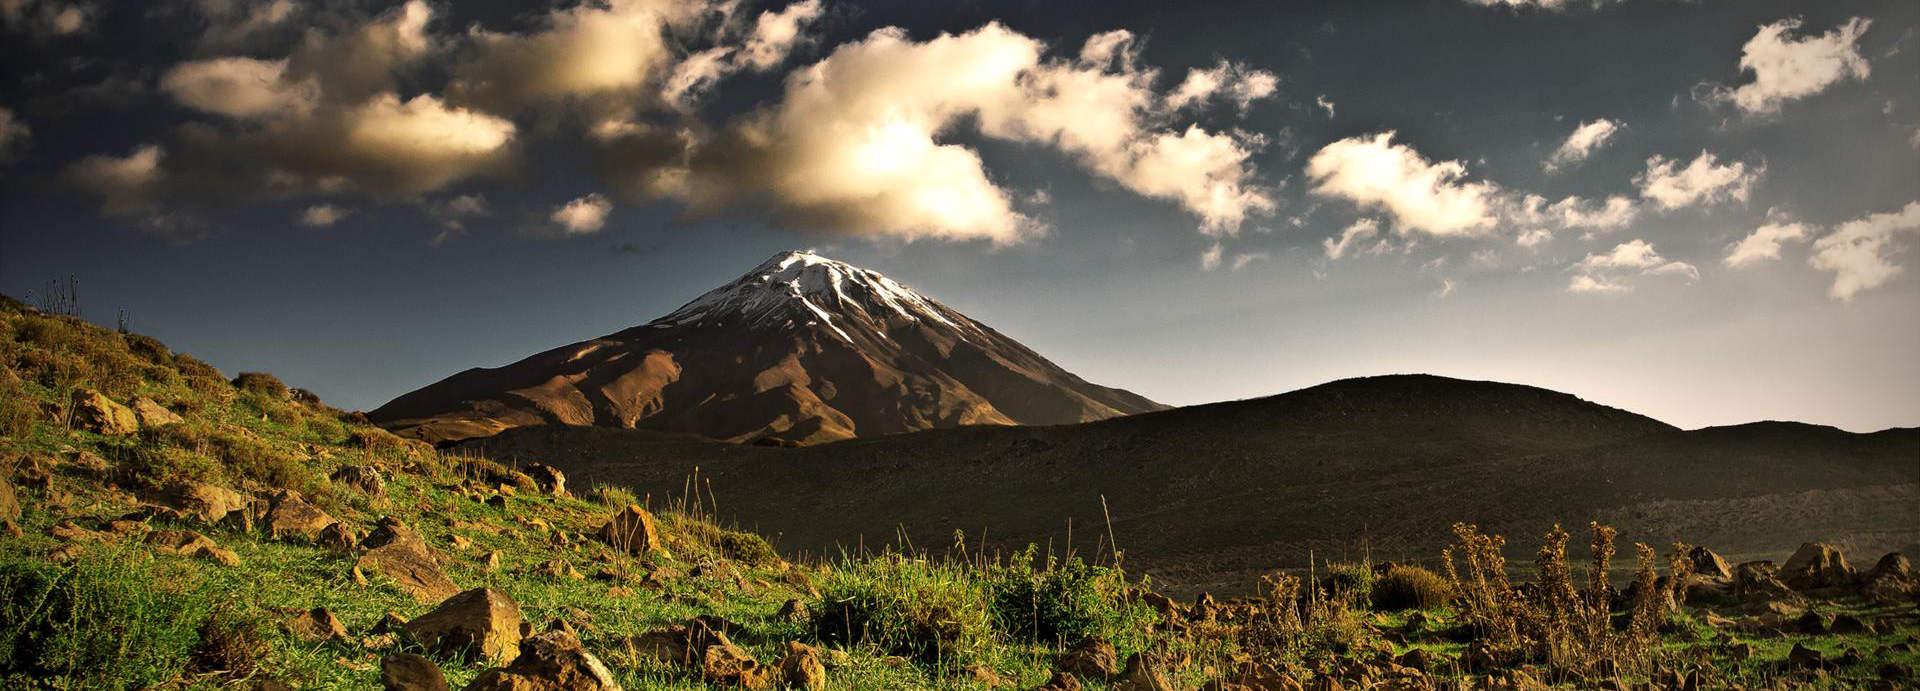 کوه زیبای دماوند ایران - ویکی ووک